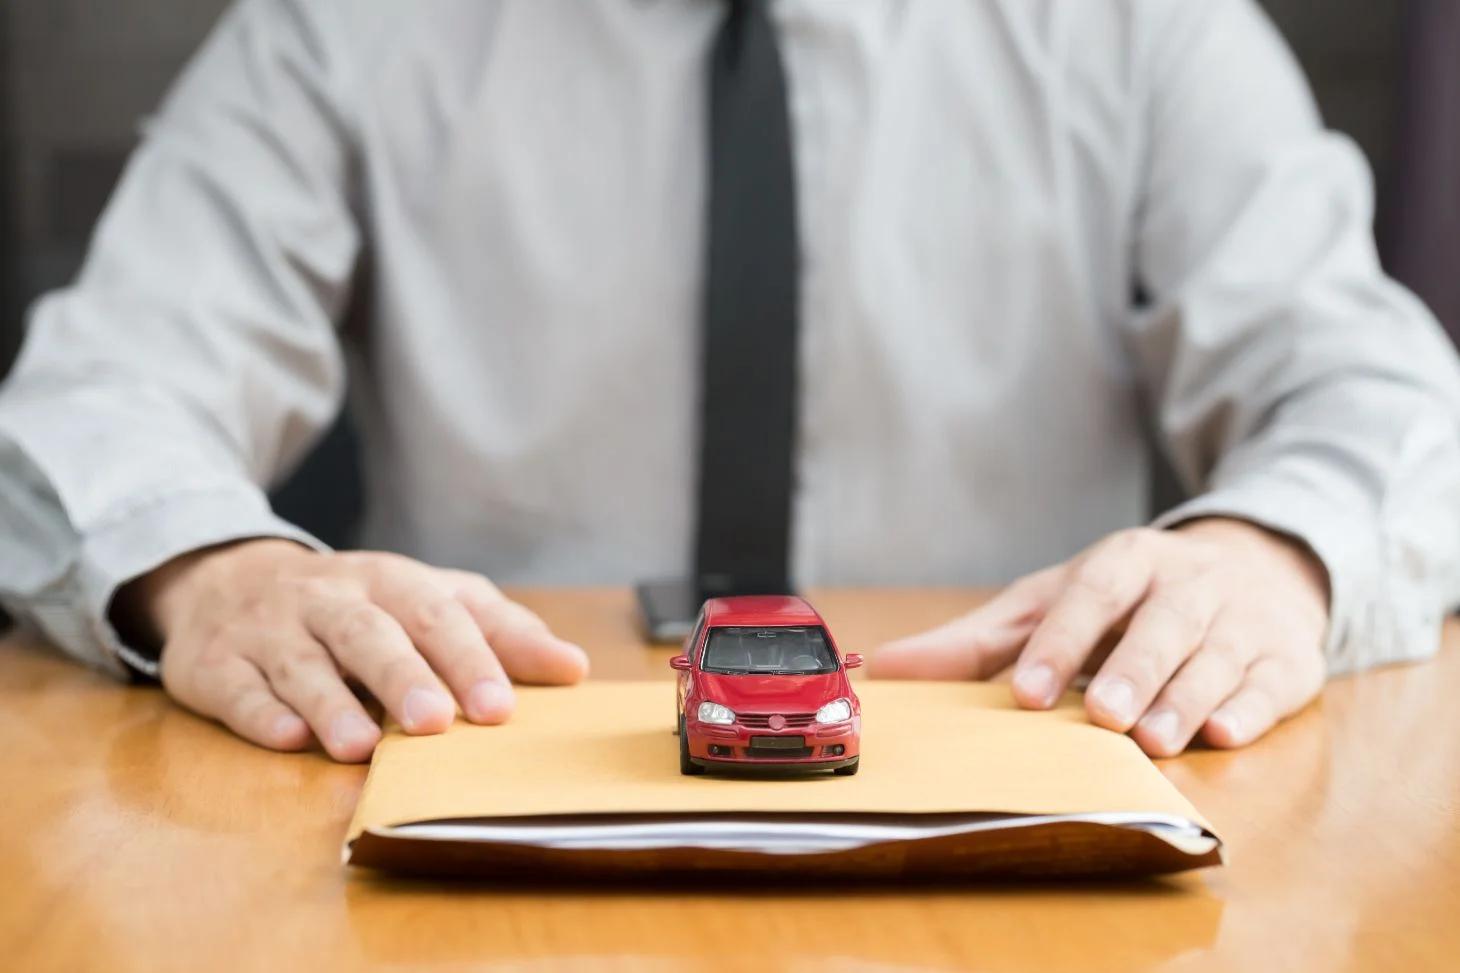 Falsa indicação de condutor: saiba as consequências dessa atitude ilegal